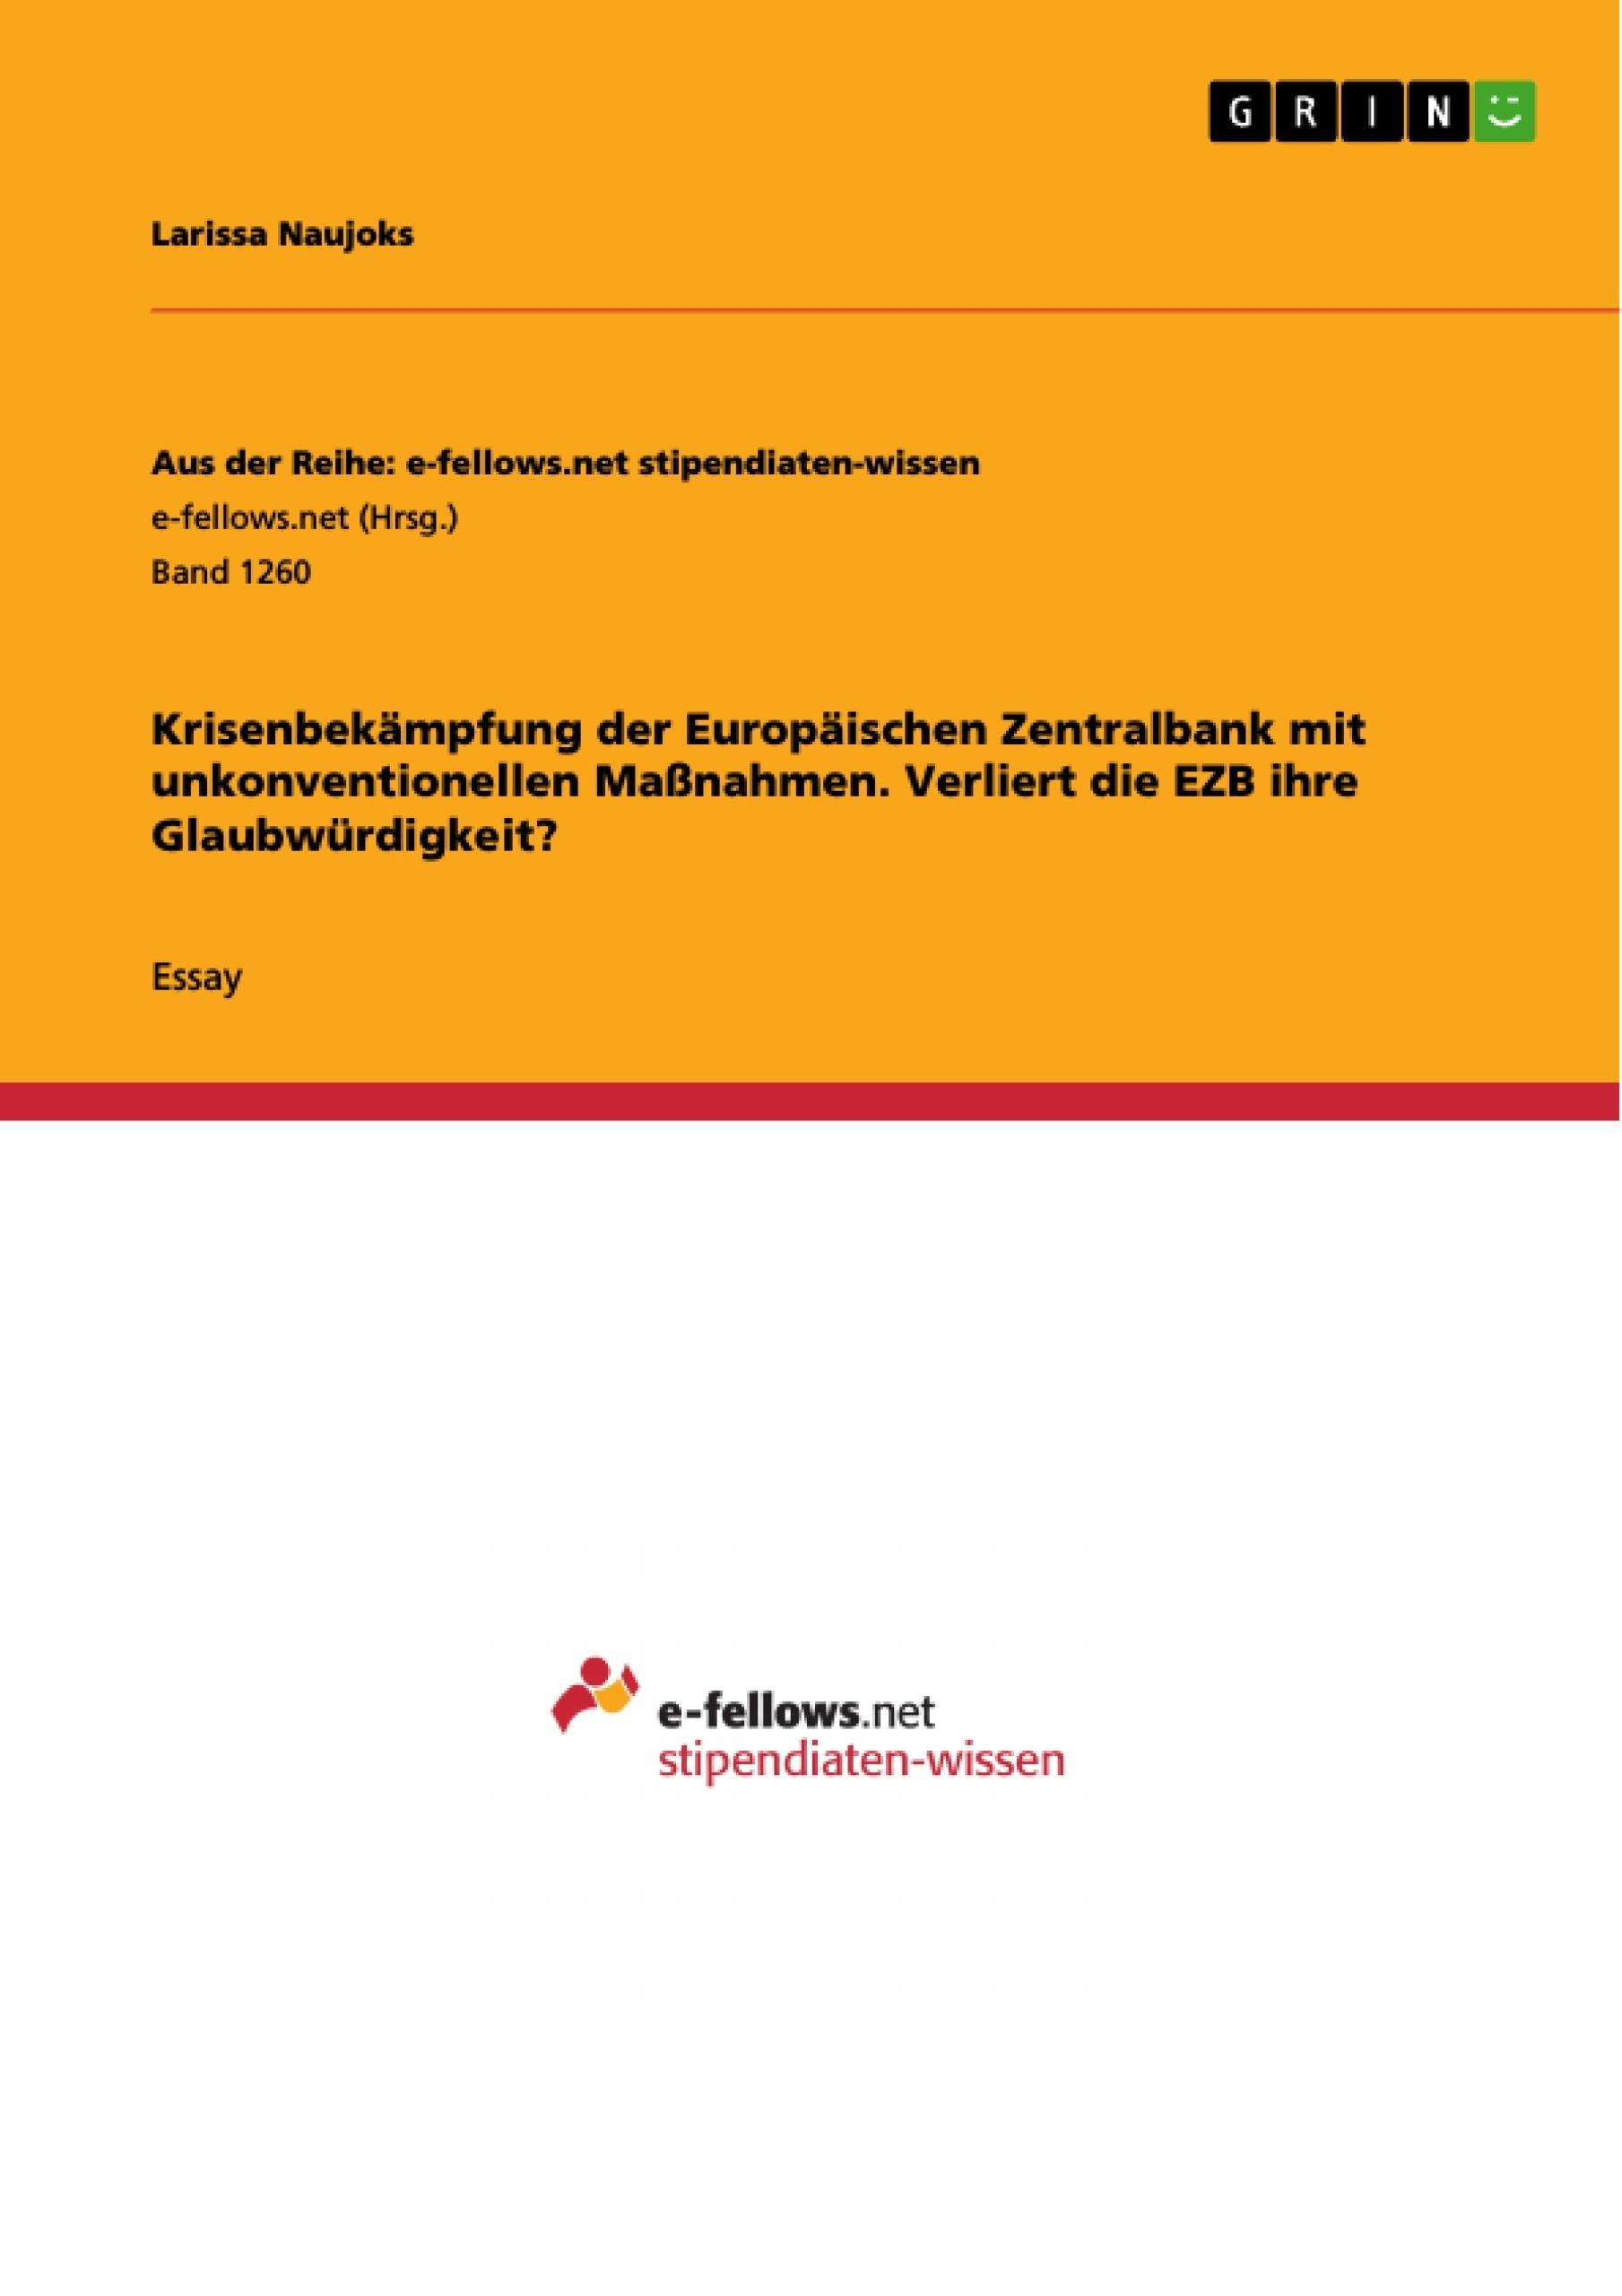 Titel: Krisenbekämpfung der Europäischen Zentralbank mit unkonventionellen Maßnahmen. Verliert die EZB ihre Glaubwürdigkeit?